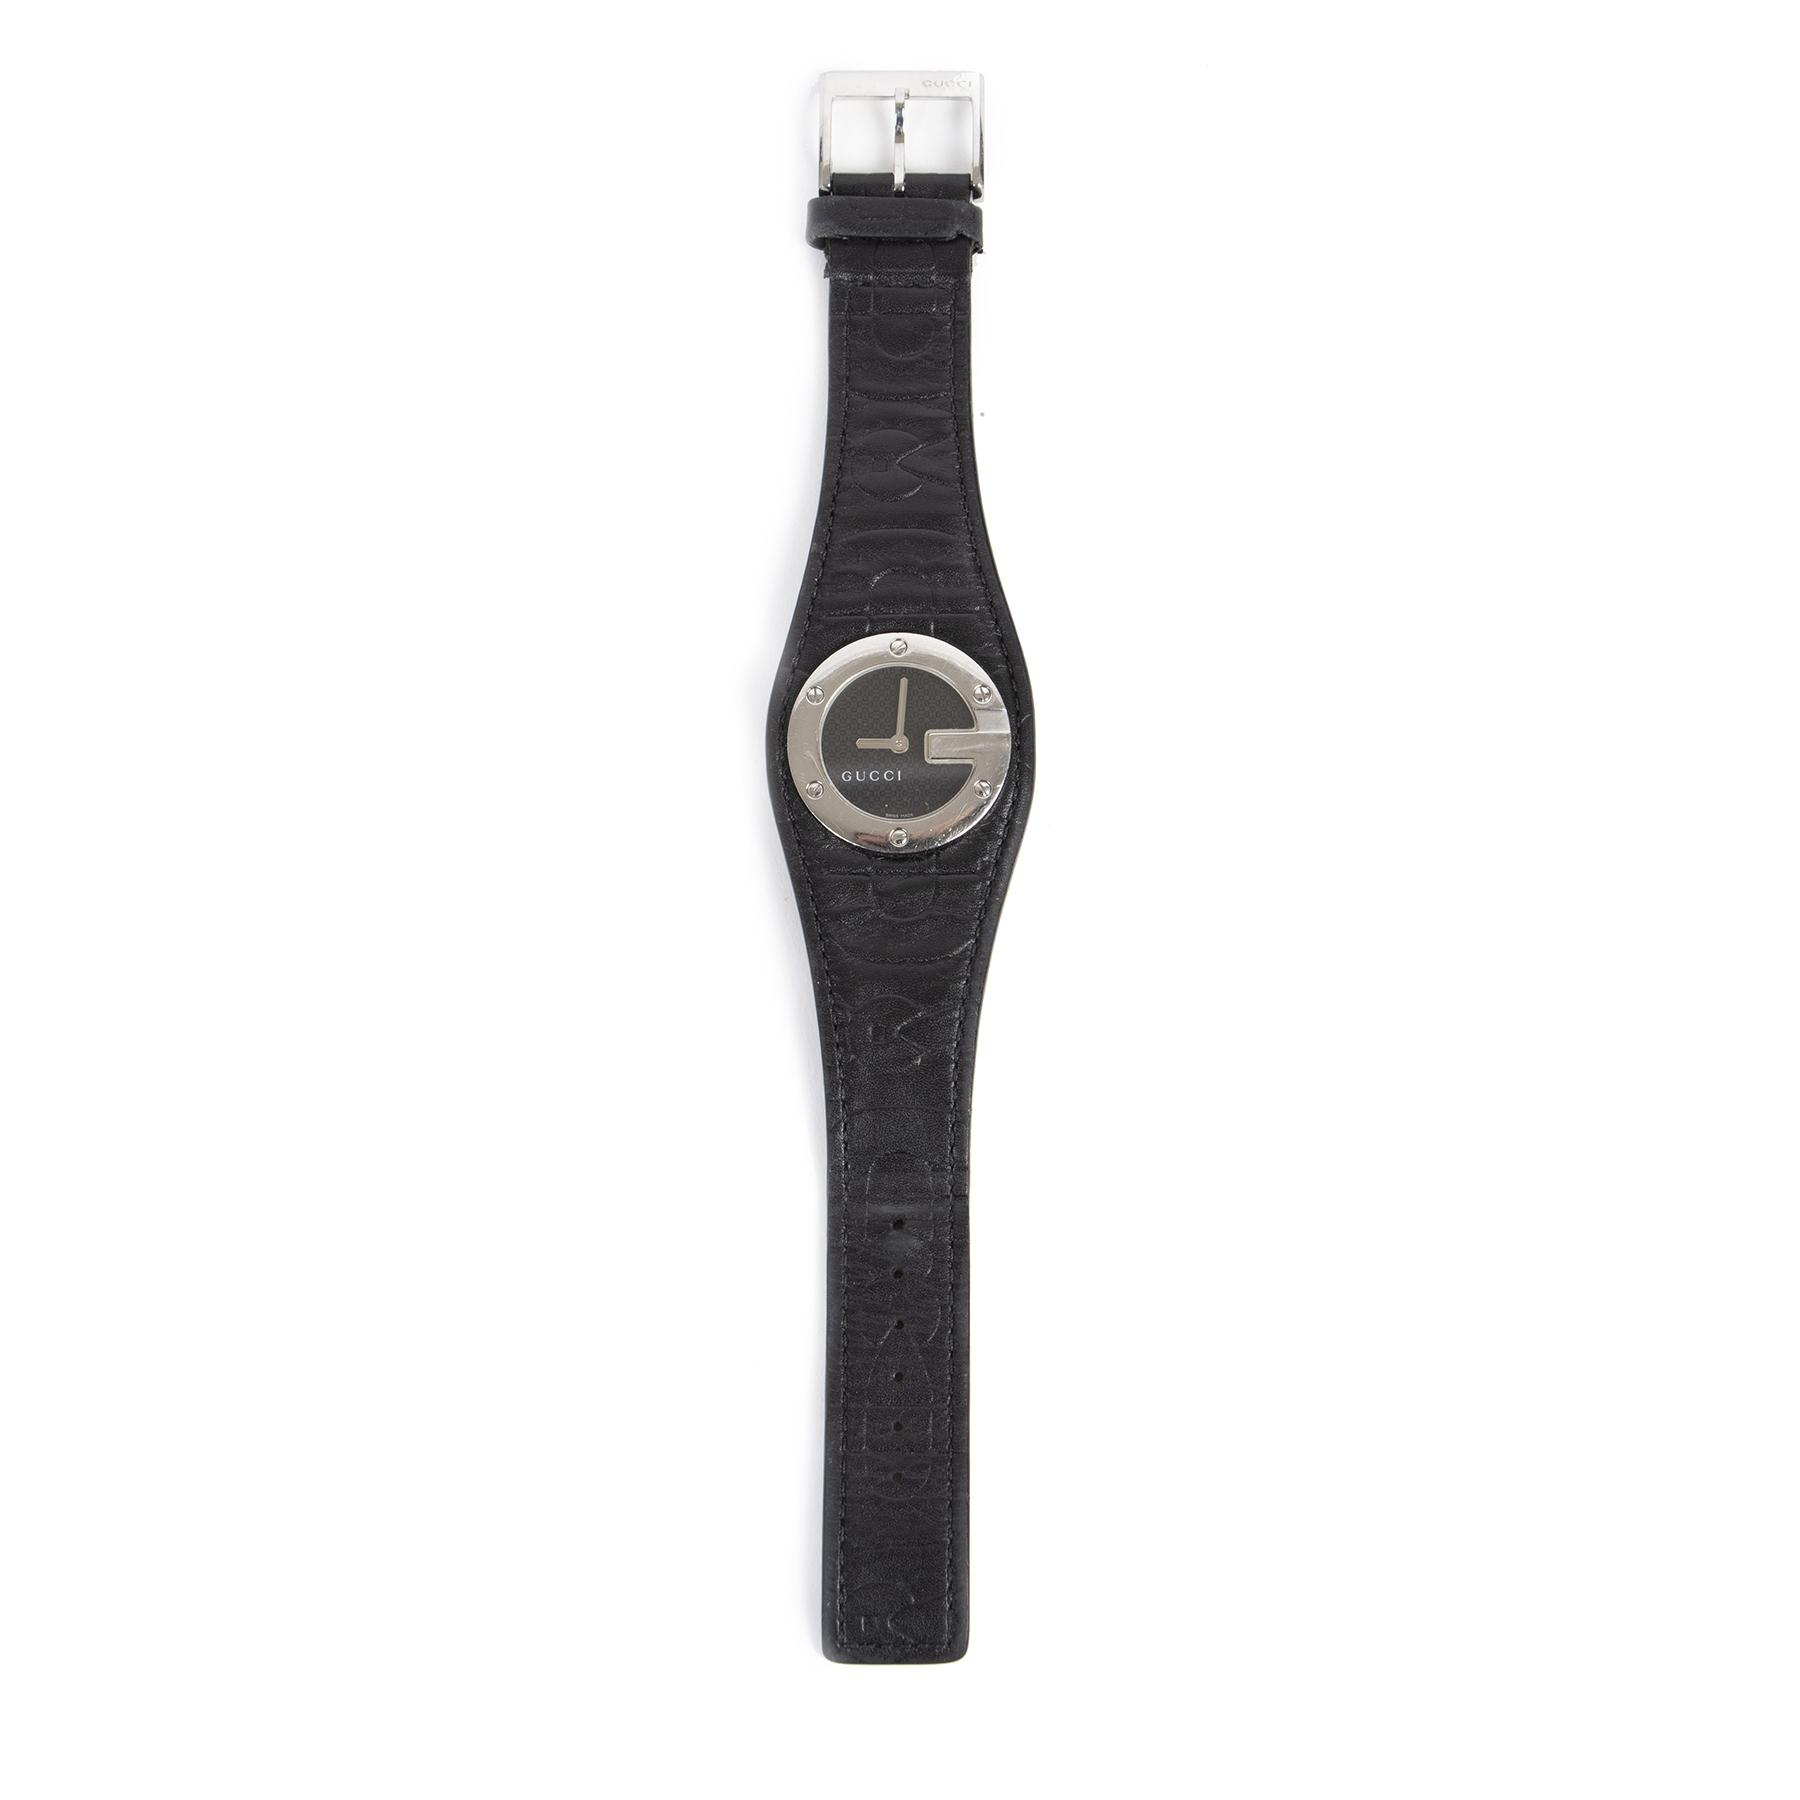 Koop authentieke tweedehands Gucci horloges voor de juiste prijs bij LabelLOV